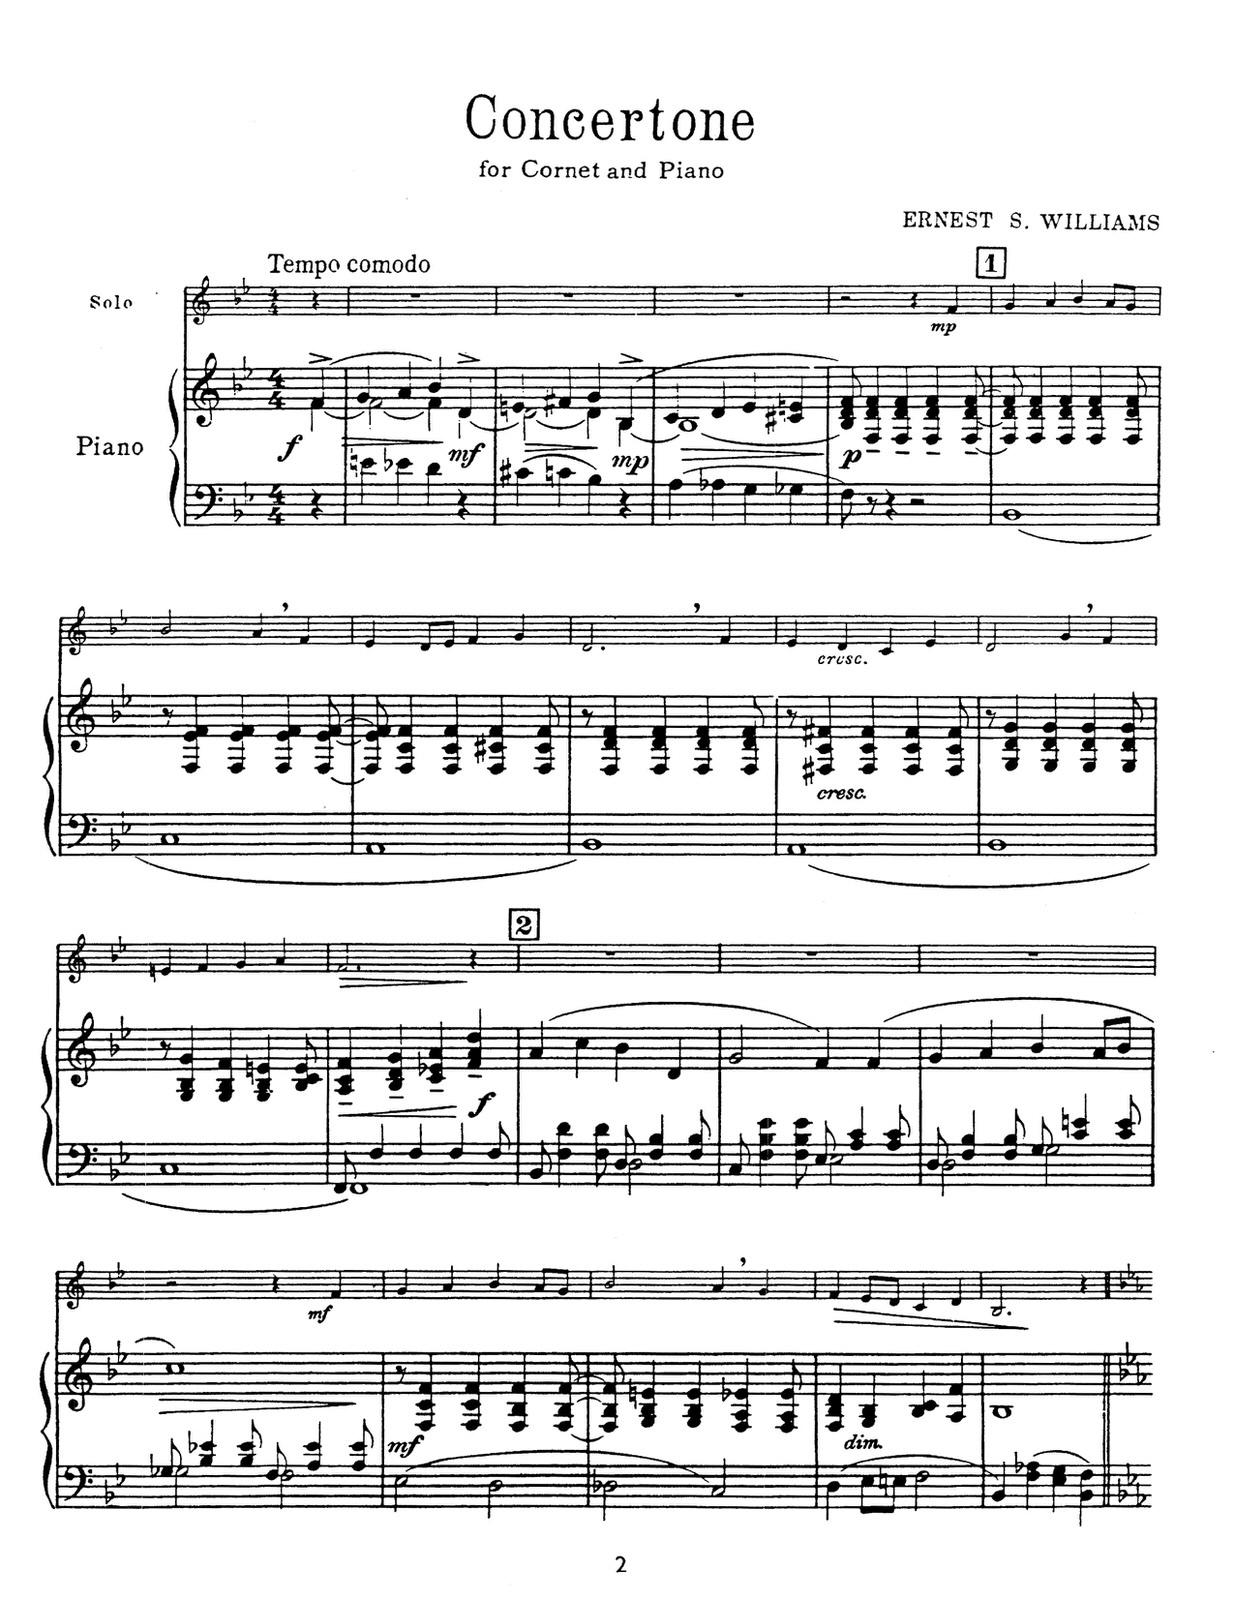 williams-little-classics-piano-score